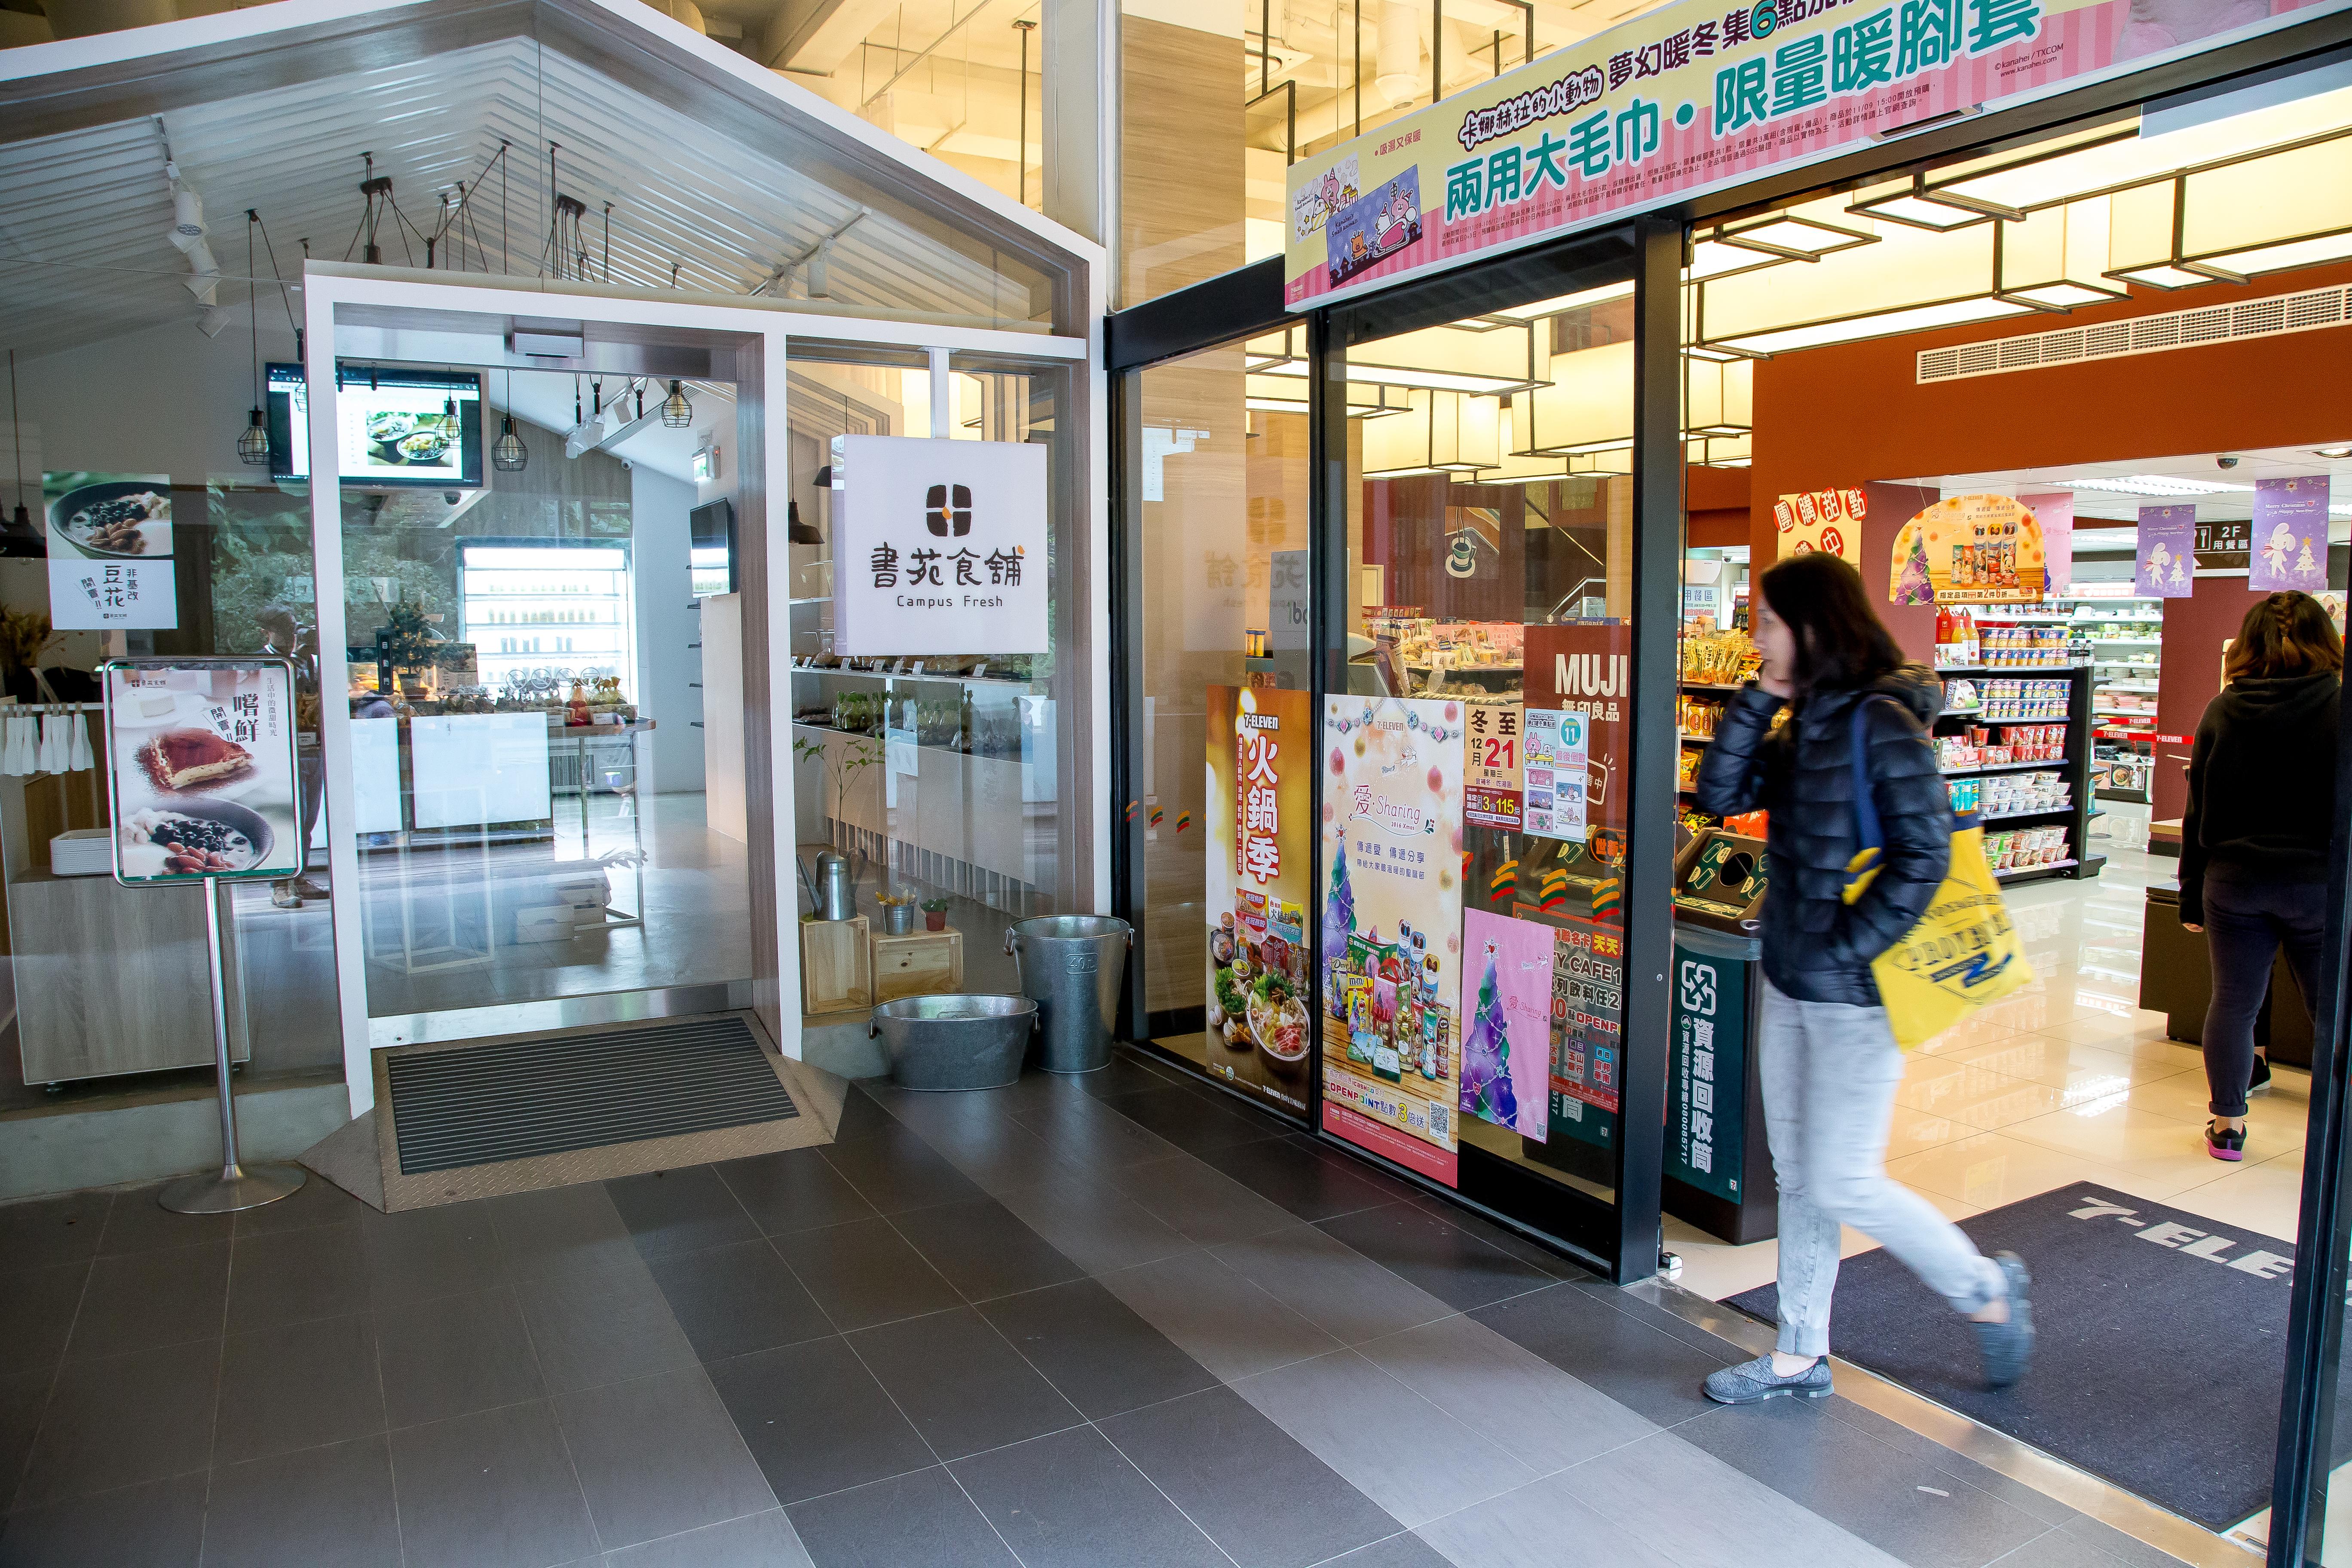 世新書苑改建成便利商店和麵包店,一度引起校內師生討論 攝影/胡皓宸